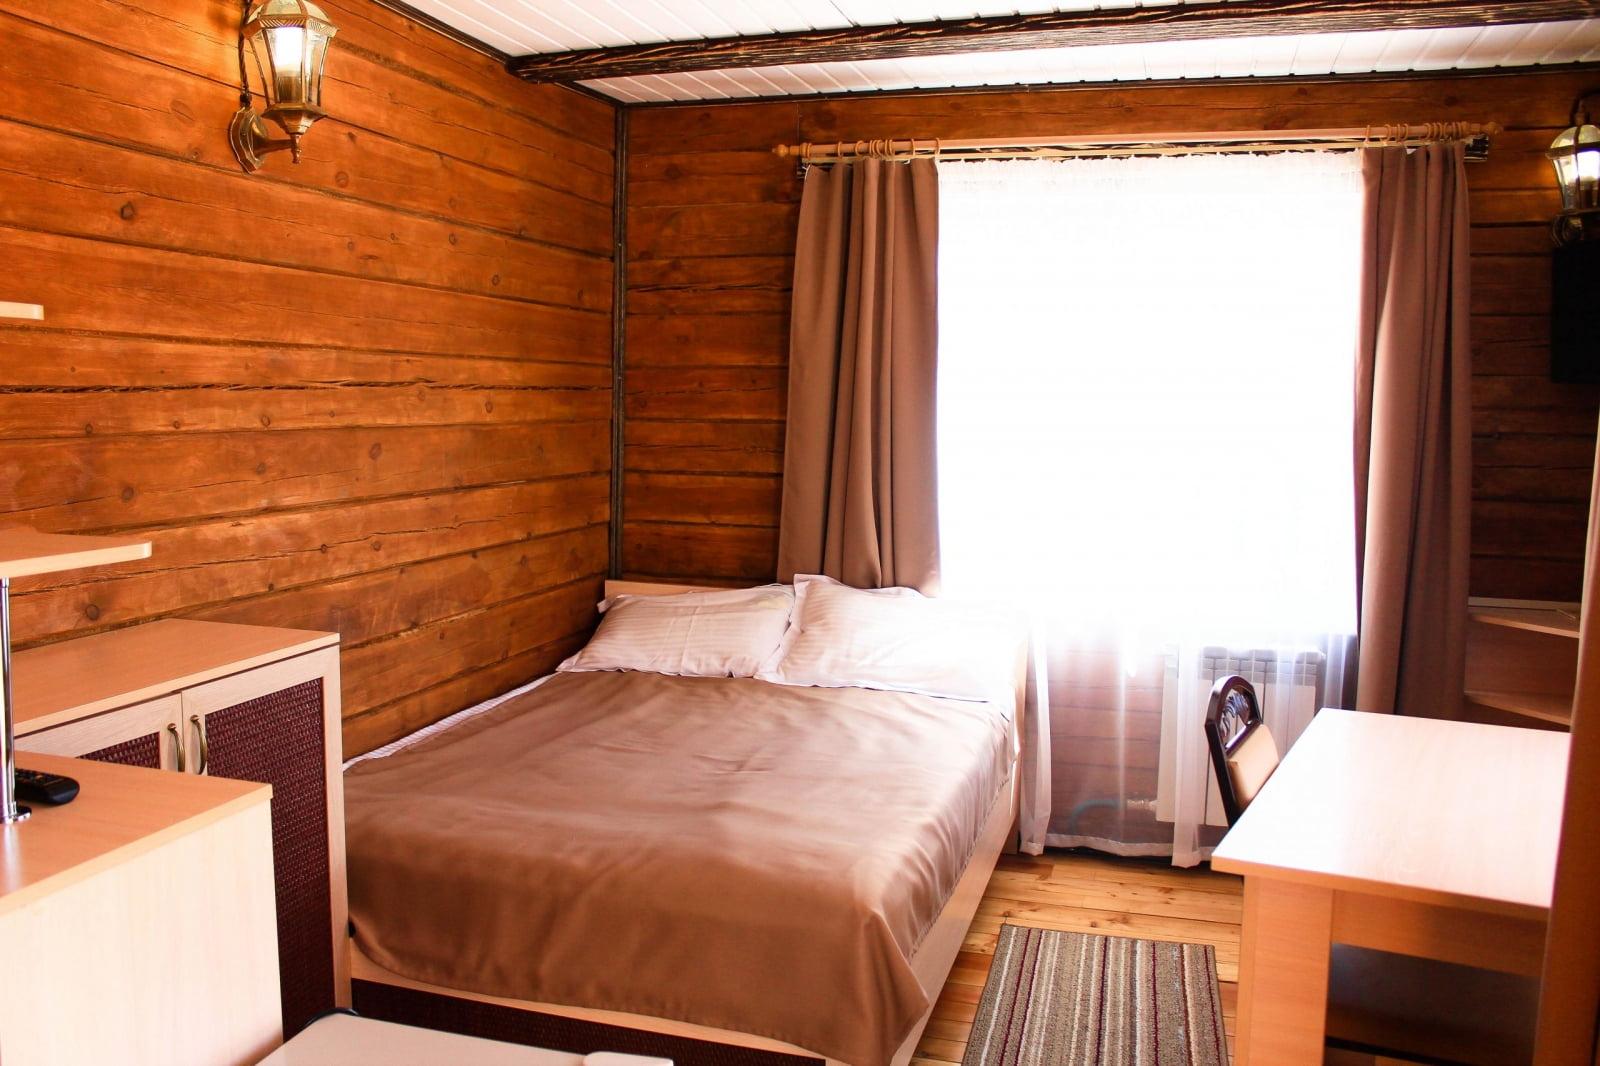 Гостиница «Нерпёнок», 2й этаж балкон без вида/балкон с видом